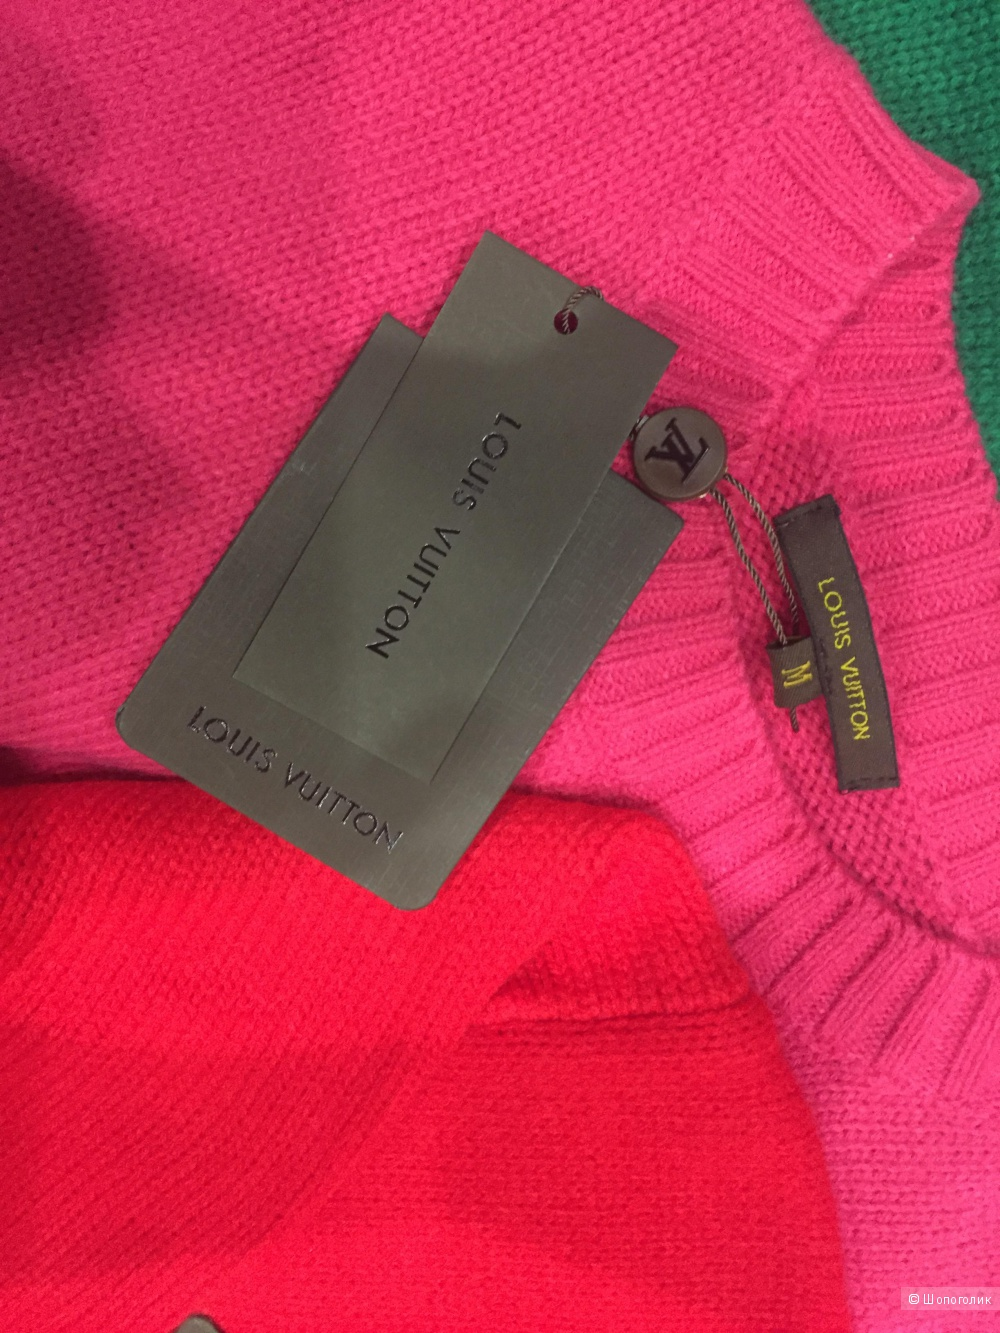 a4dcae46dc9c Свитер Louis Vuitton (реплика класса люкс), в магазине Другой ...